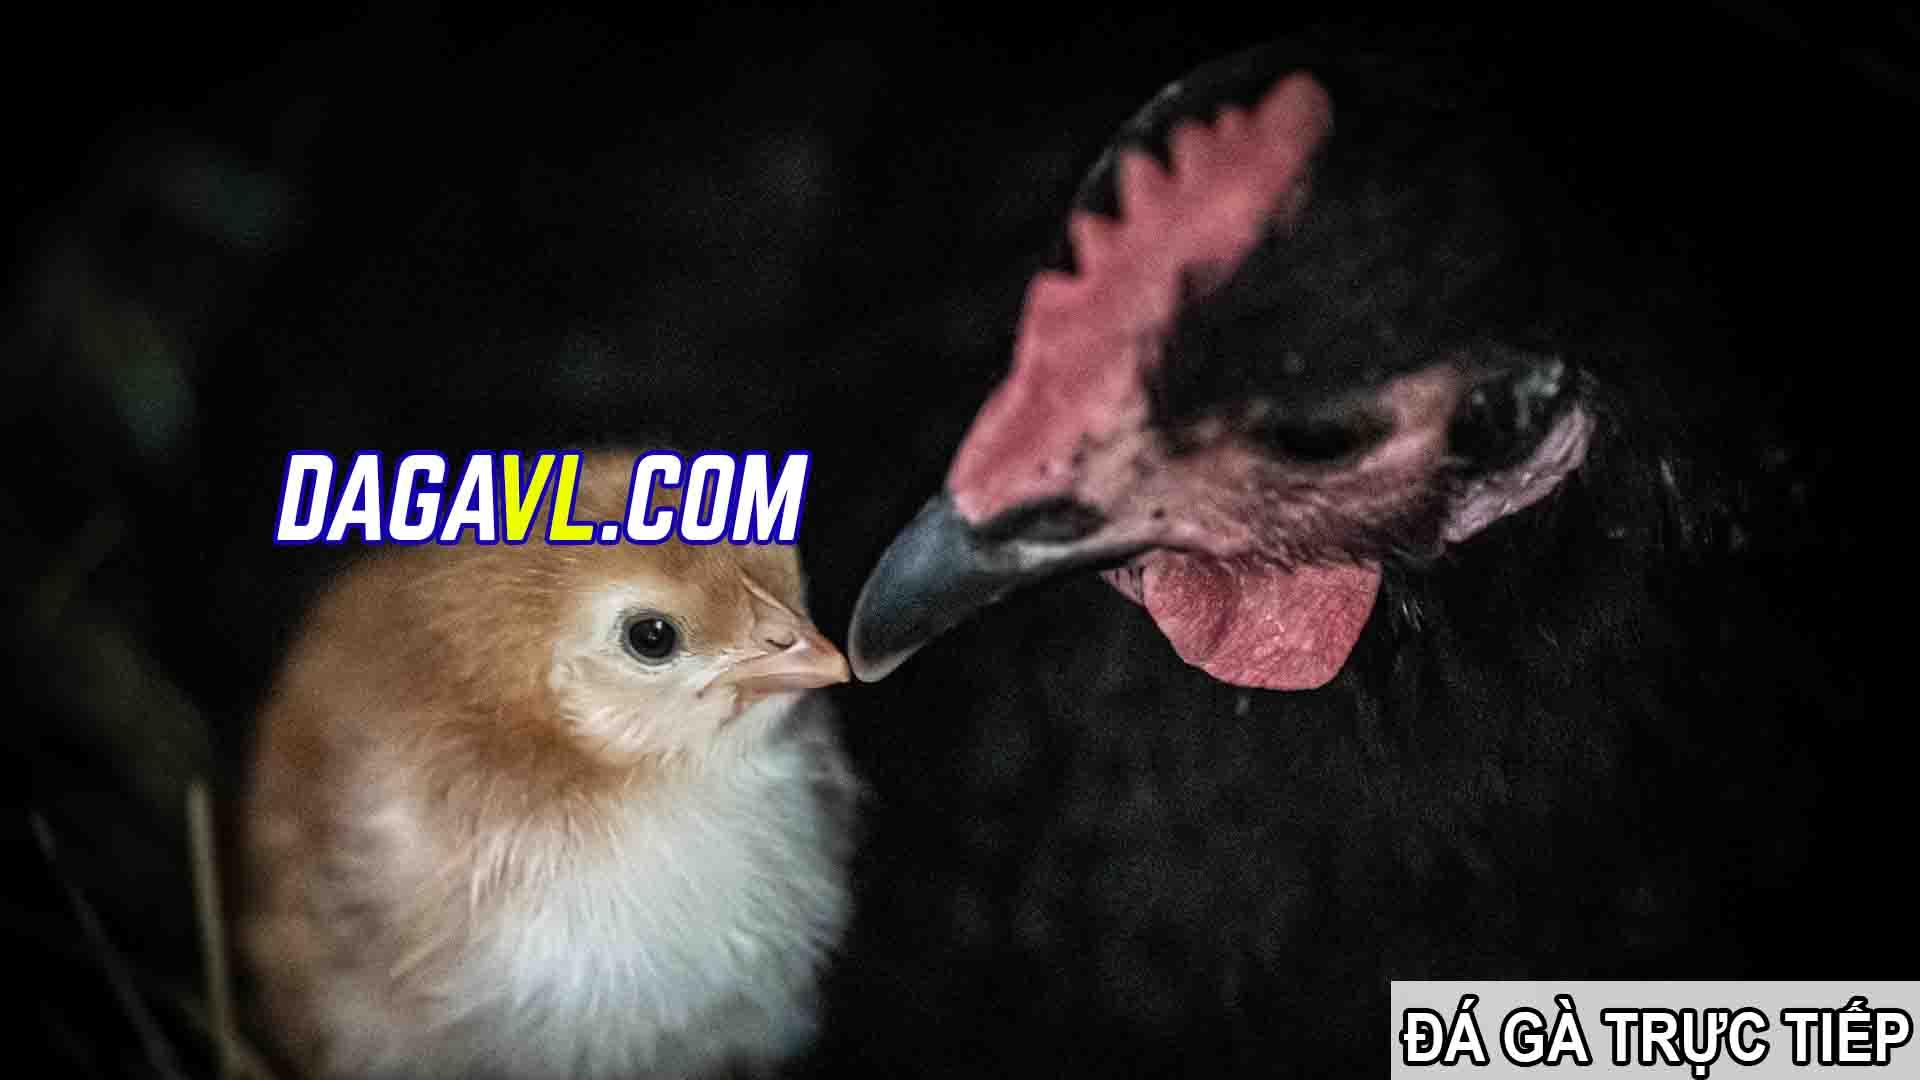 DAGAVL.COM - đá gà trực tiếp. Gà đá thay đổi màu theo mùa hay nhất